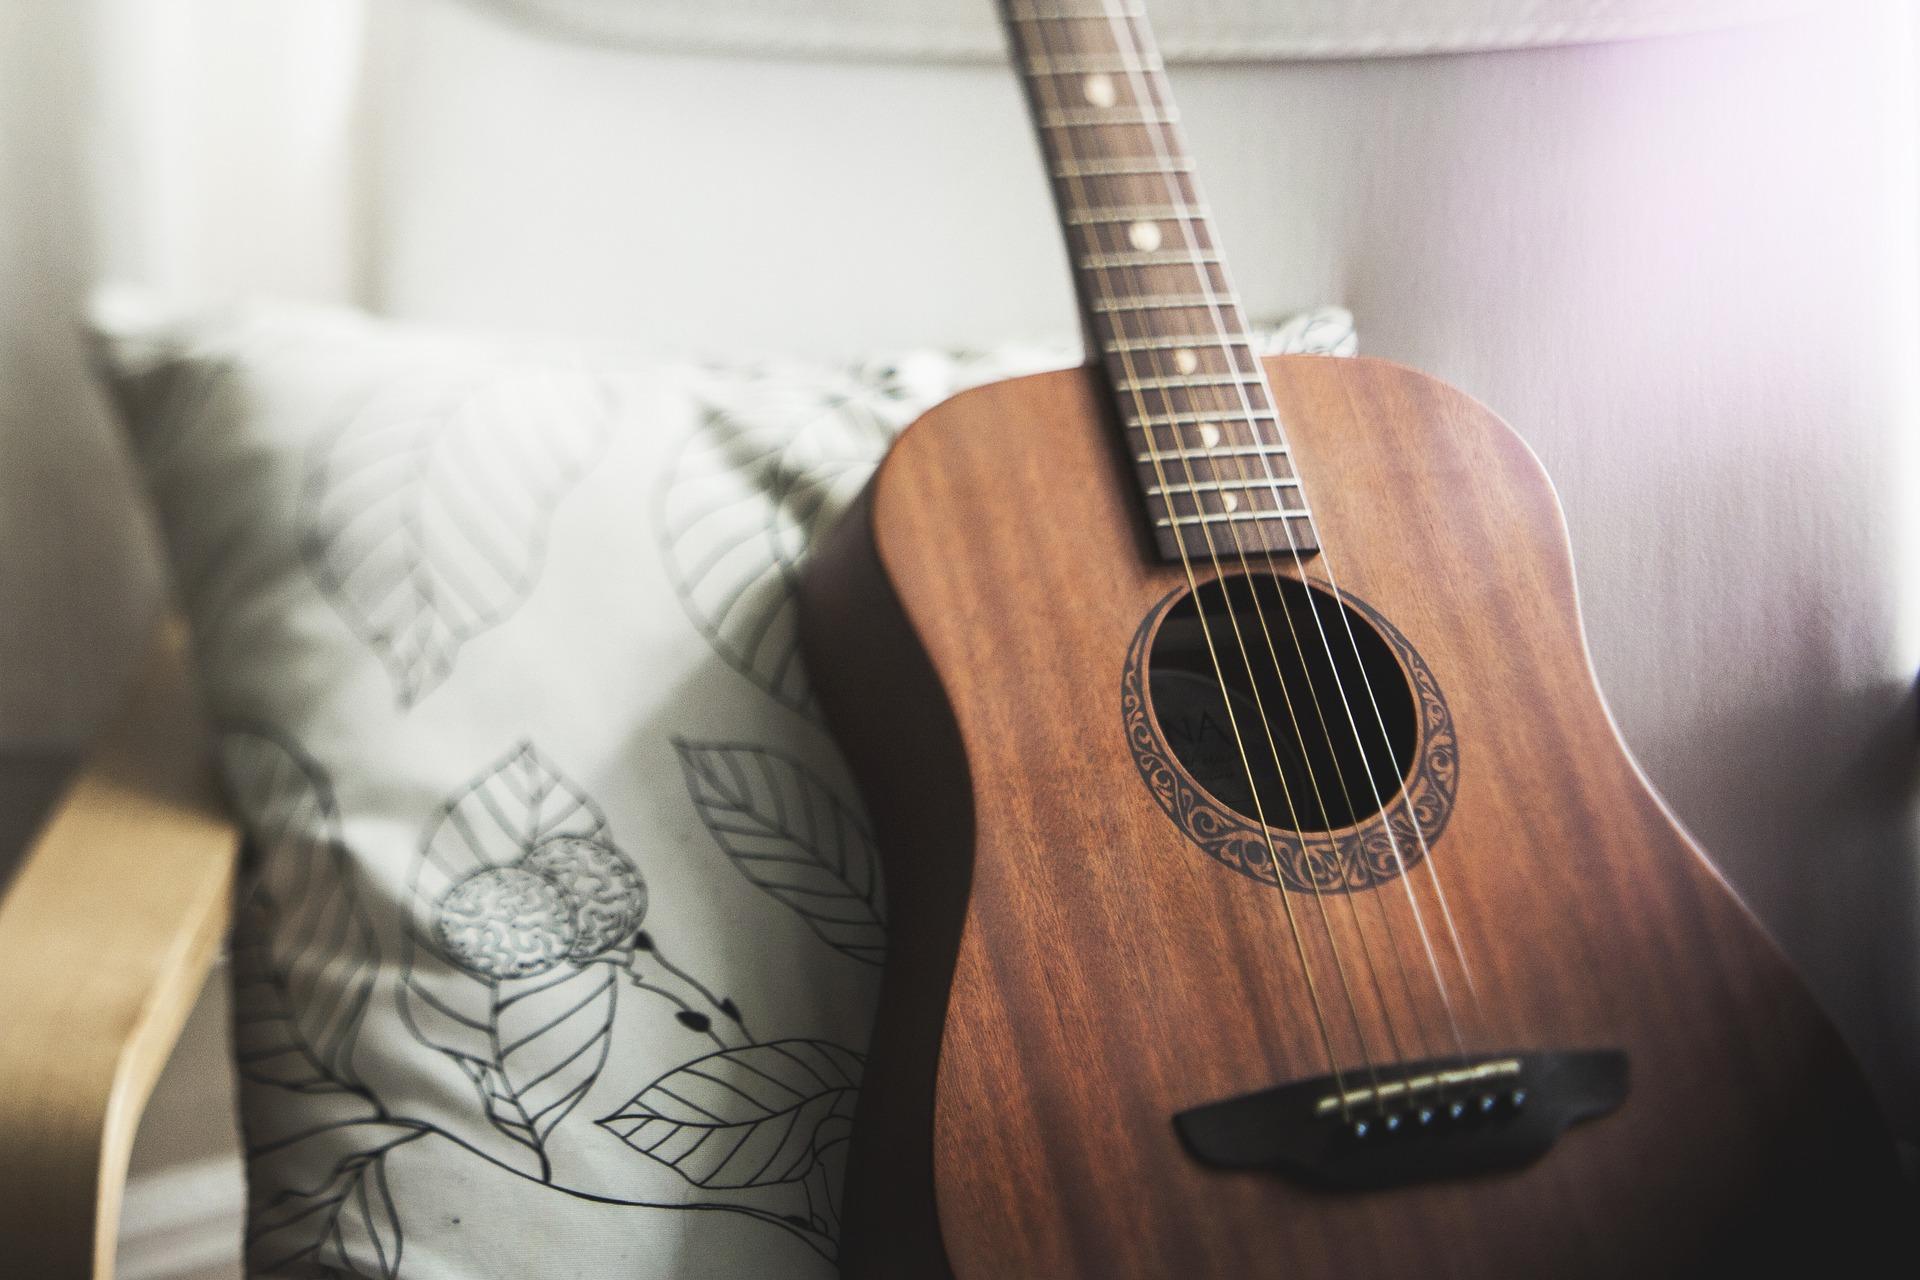 中年・シニアからギターを始める!おすすめの音楽教室や教材について